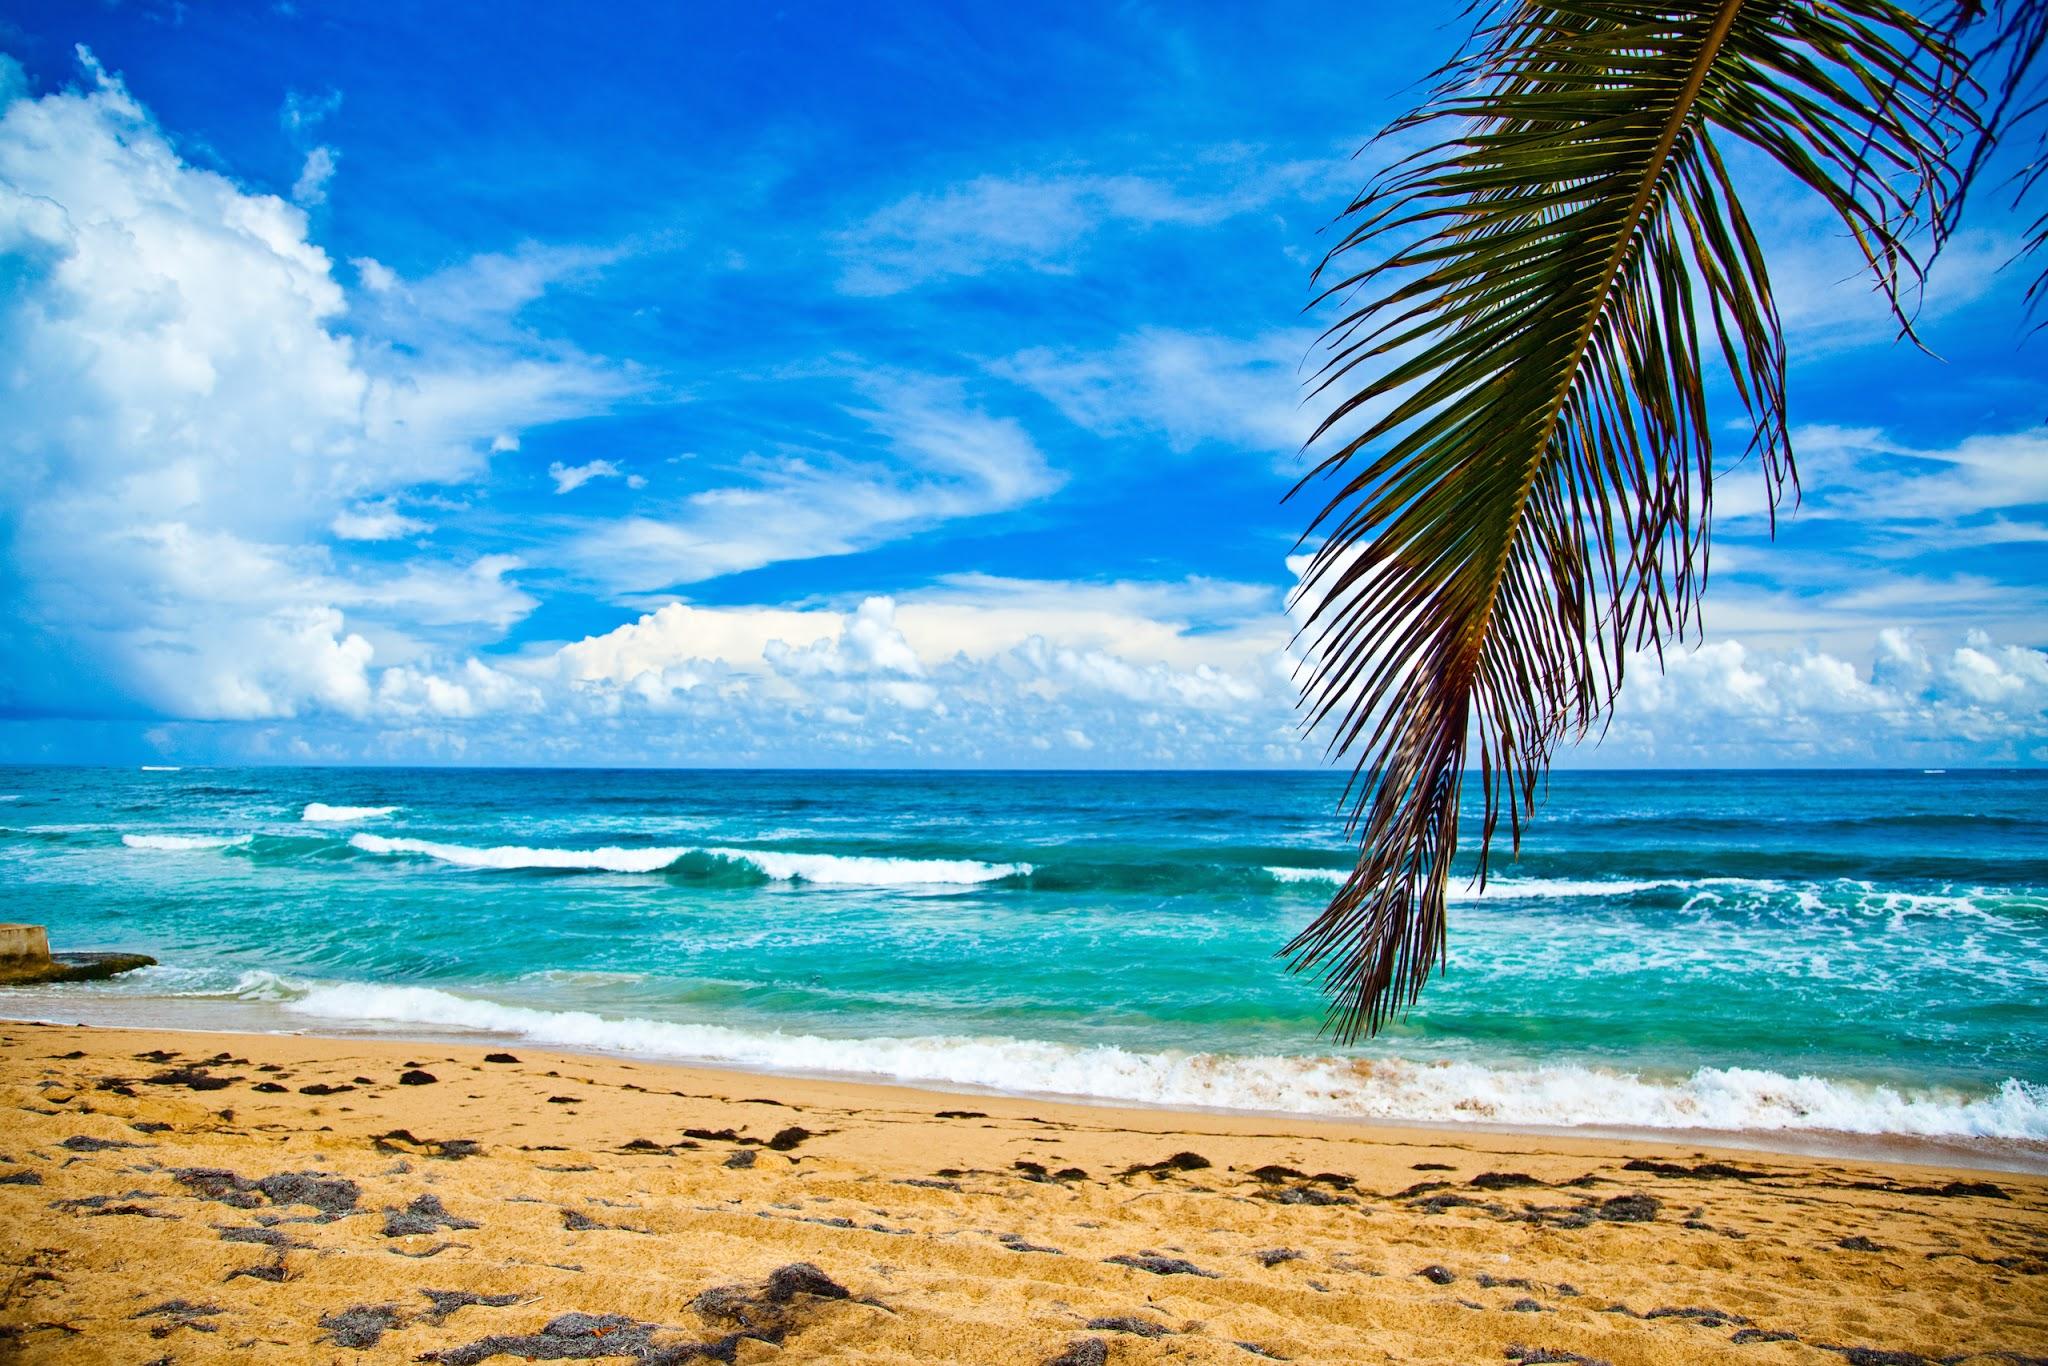 美しすぎる 海の壁紙 まとめ Pc向け壁紙画像2560px以上 Idea Web Tools 自動車とテクノロジーのニュースブログ